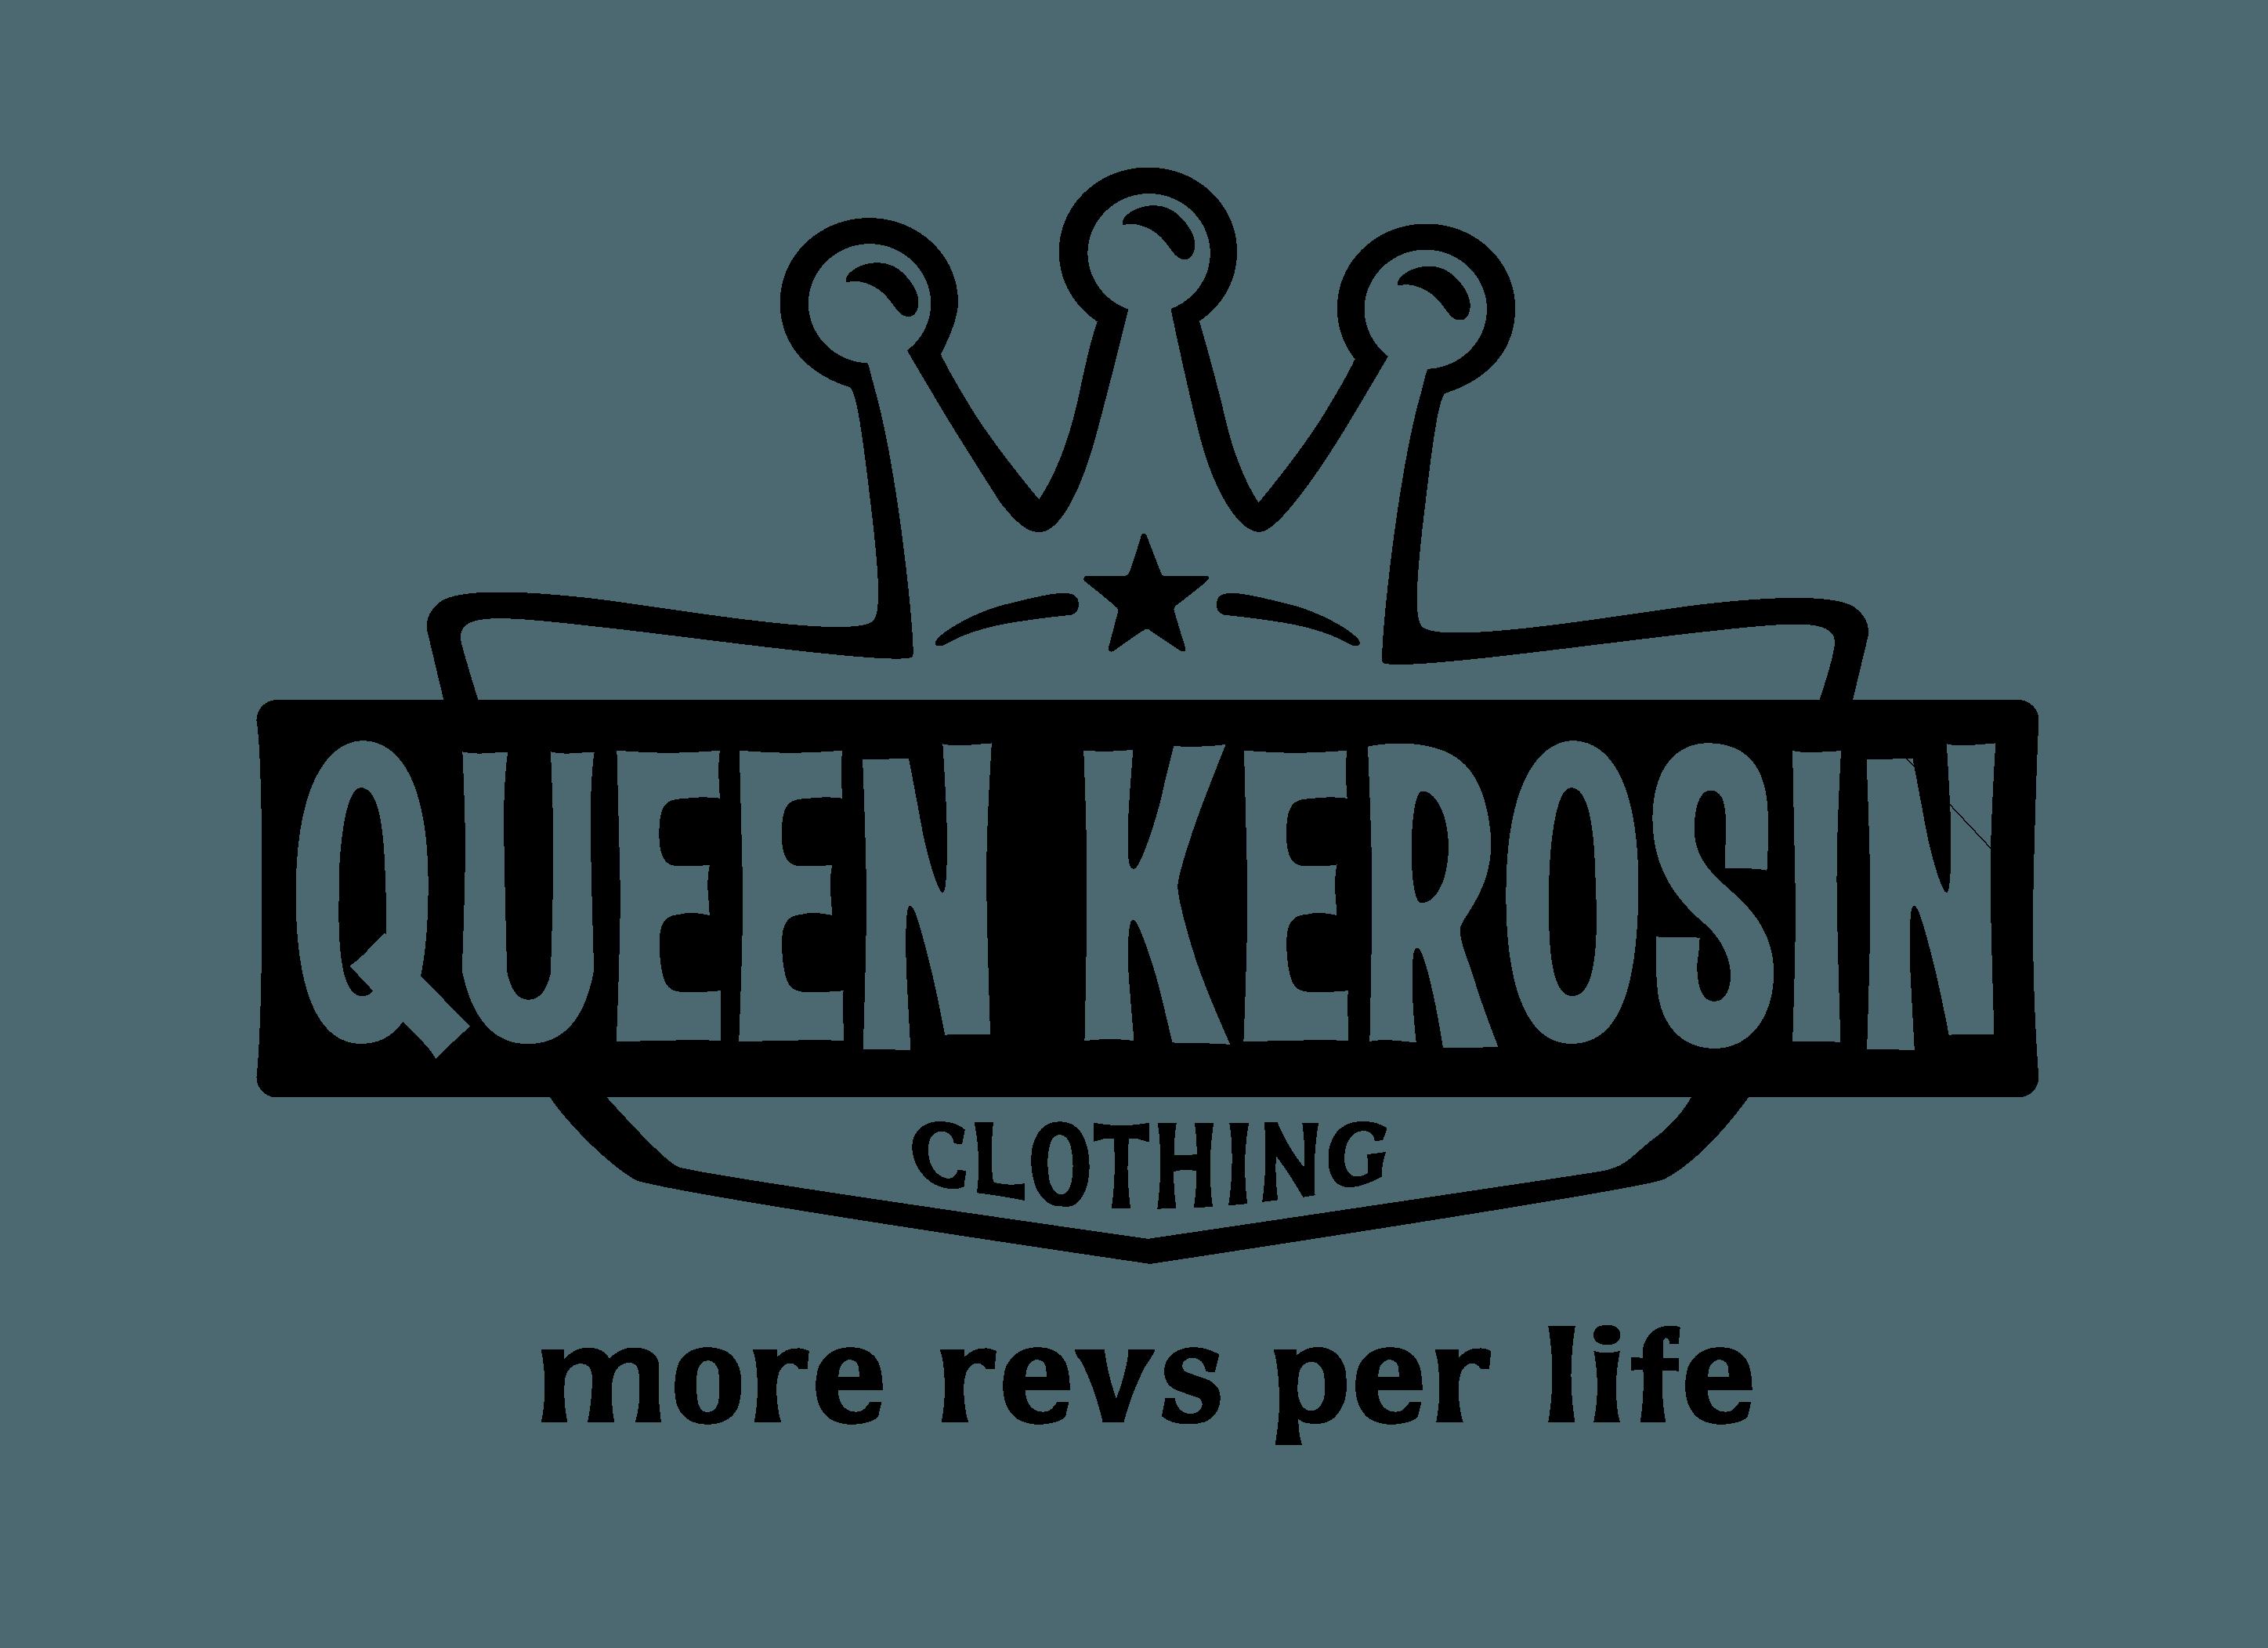 Queen kerosin onlineshop twstore fashion mode kleider marke